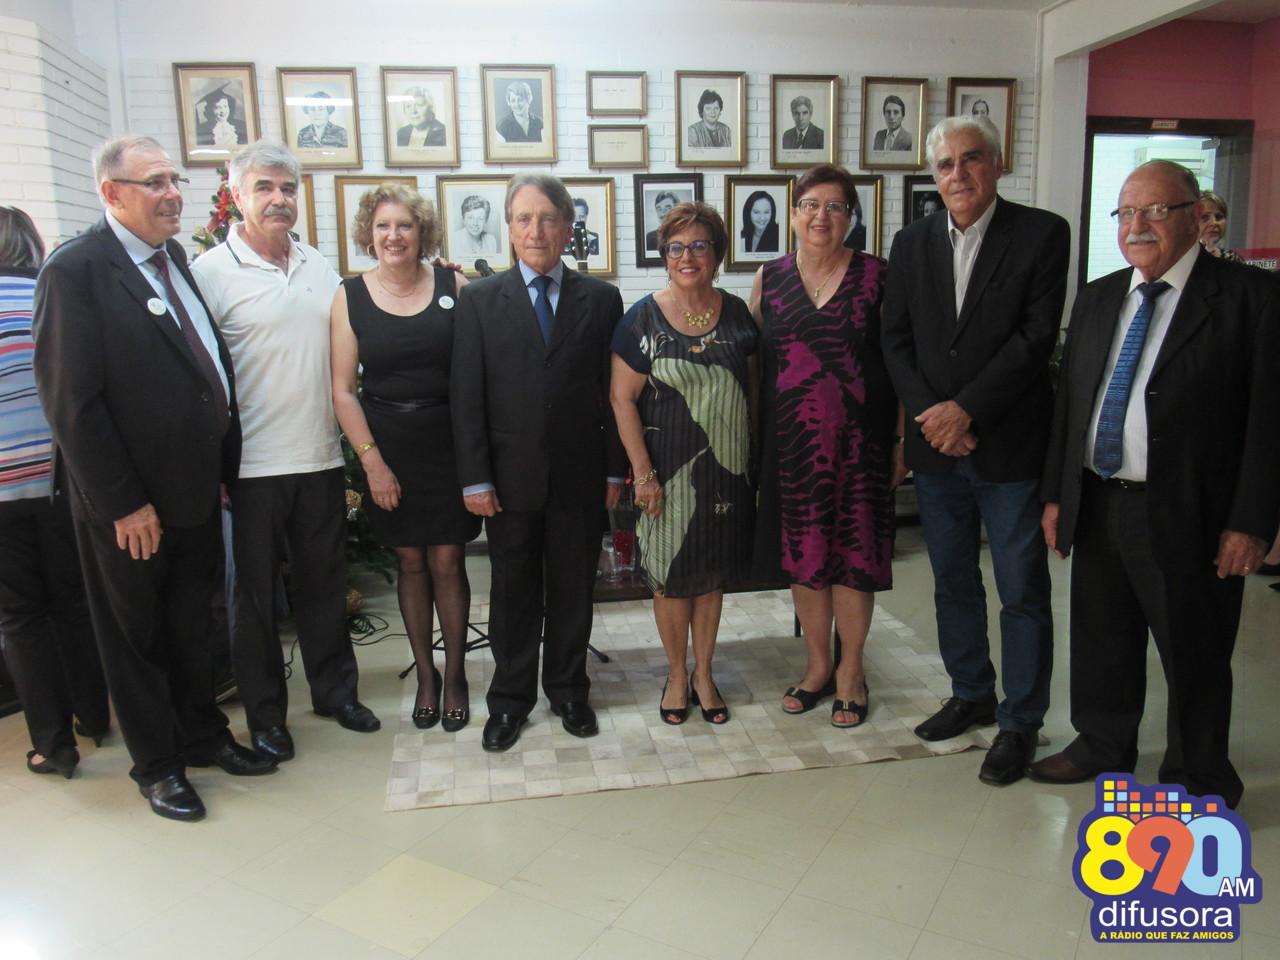 16ª Coordenadoria Regional de Educação comemora sessenta anos de história em Bento